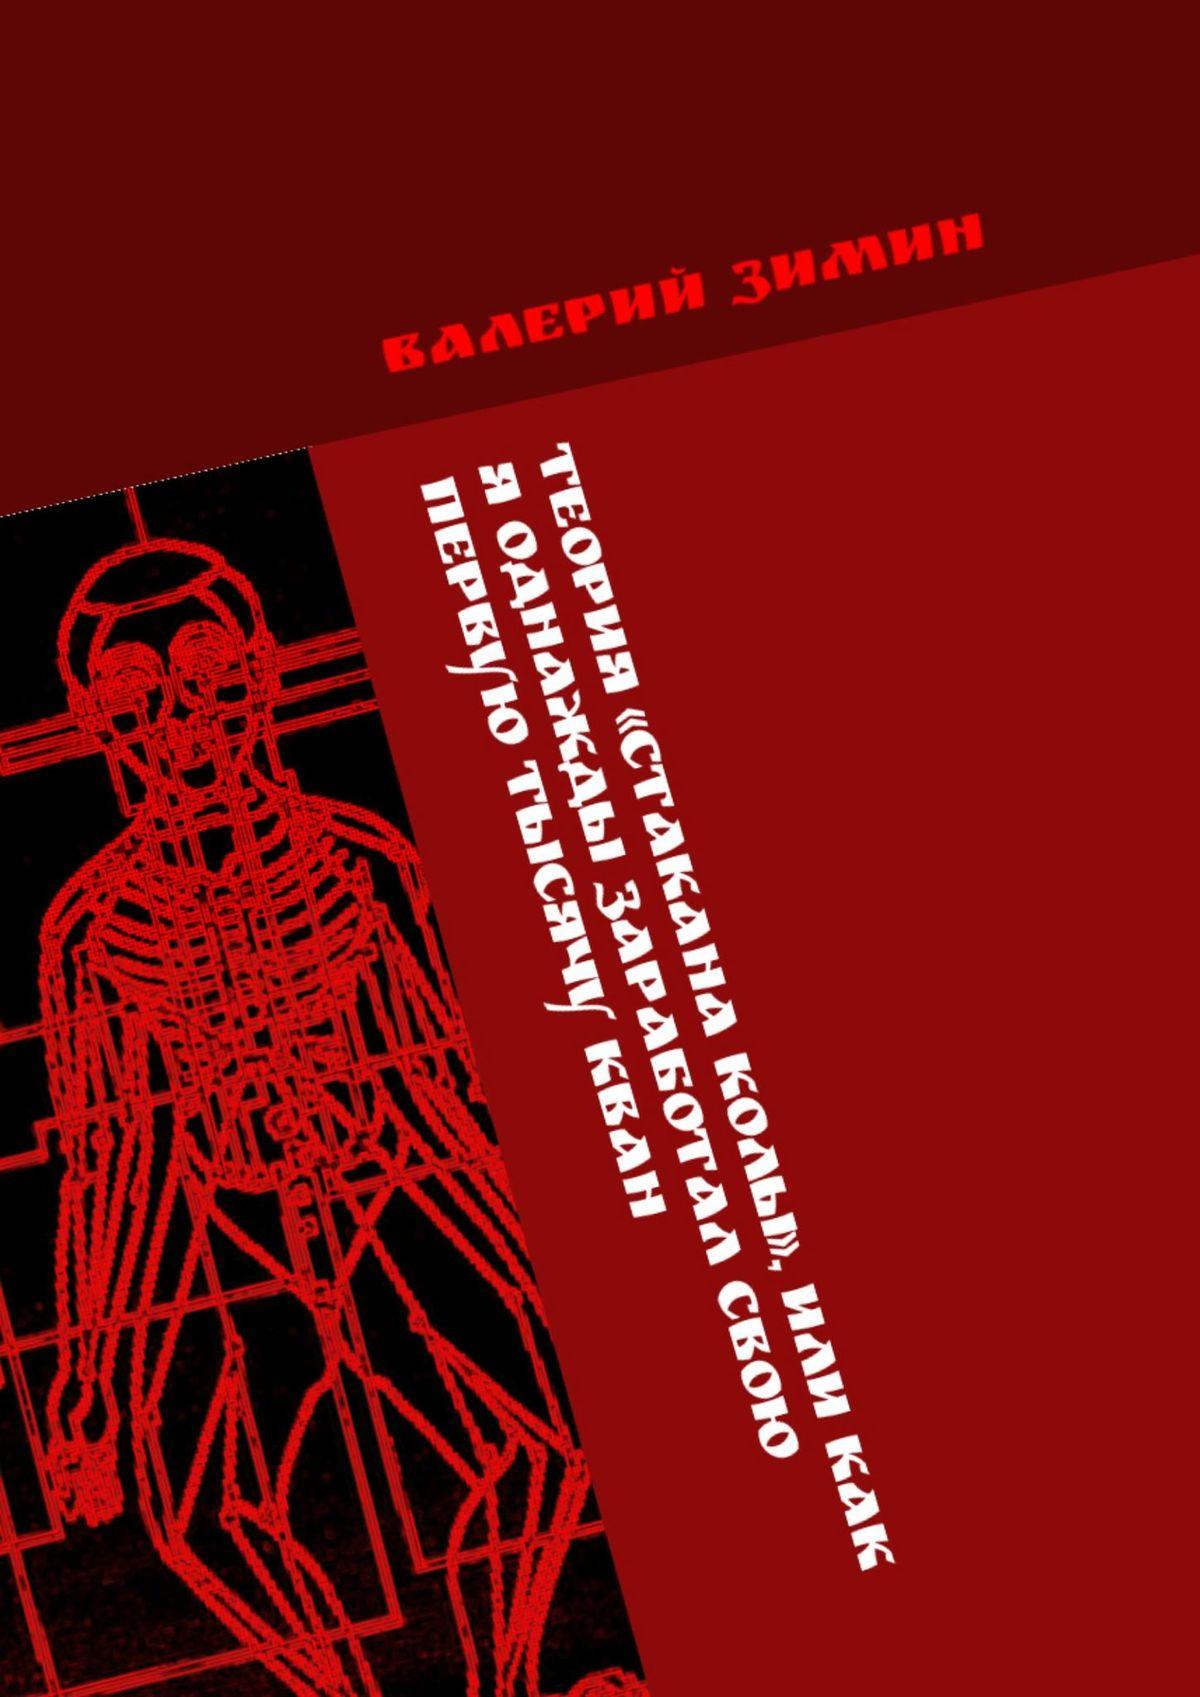 Валерий Зимин Теория «Стакана колы», или Как я однажды заработал свою первую тысячу КВАН. # валерий зимин ridero или как я однажды издал свою первую книгу